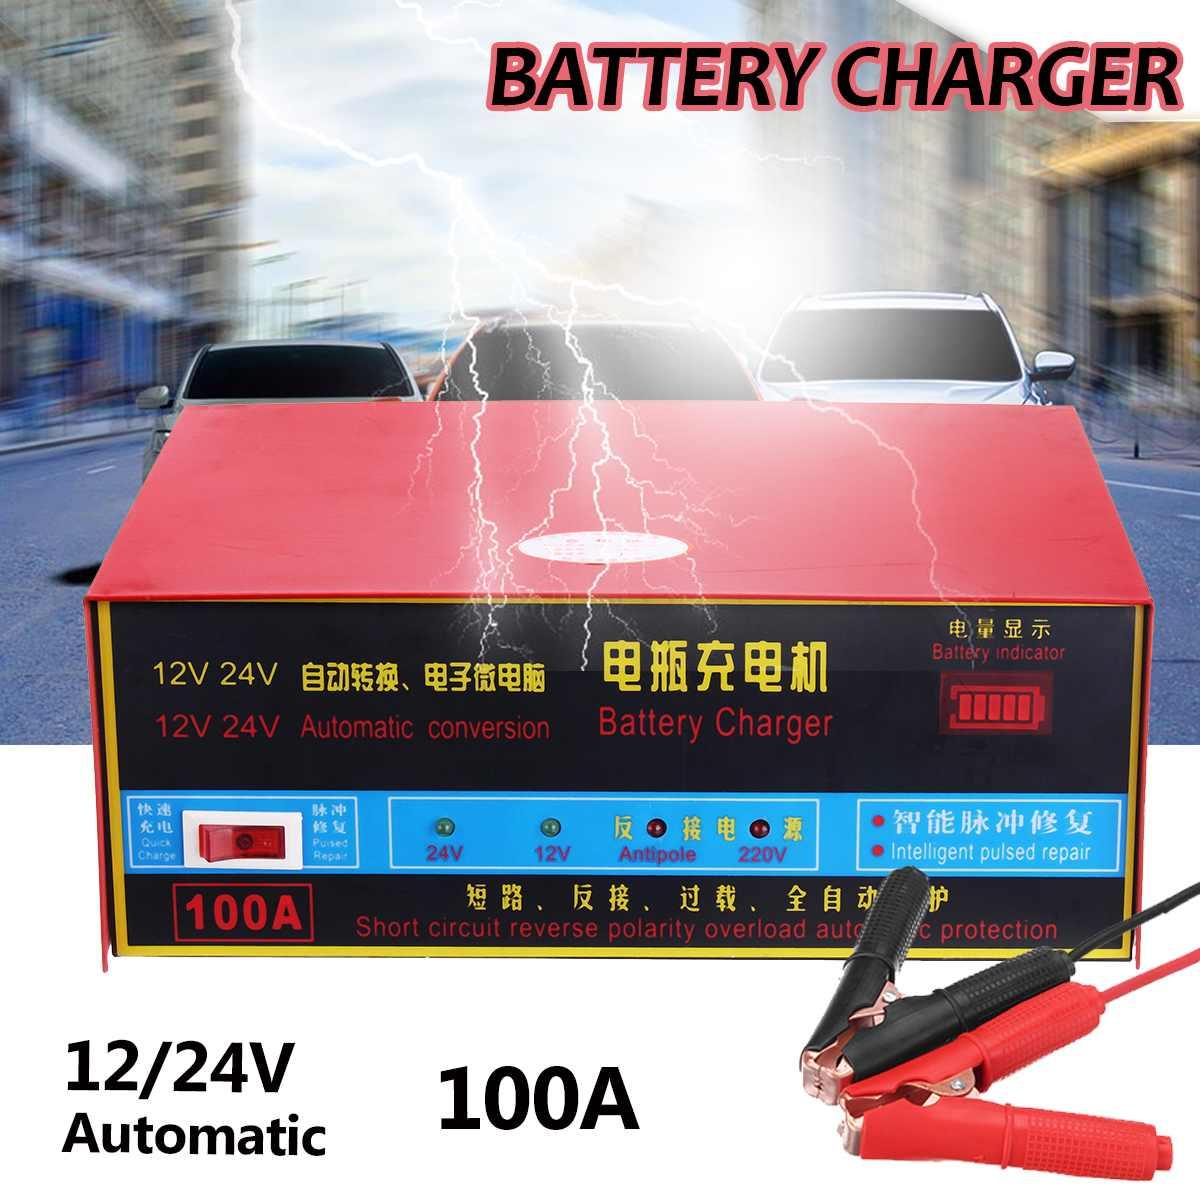 Chargeur de batterie de voiture 12 V 24 V complètement automatique chargeur de batterie de voiture électrique sauter Intelligent Type de réparation d'impulsion 100AH pour moto